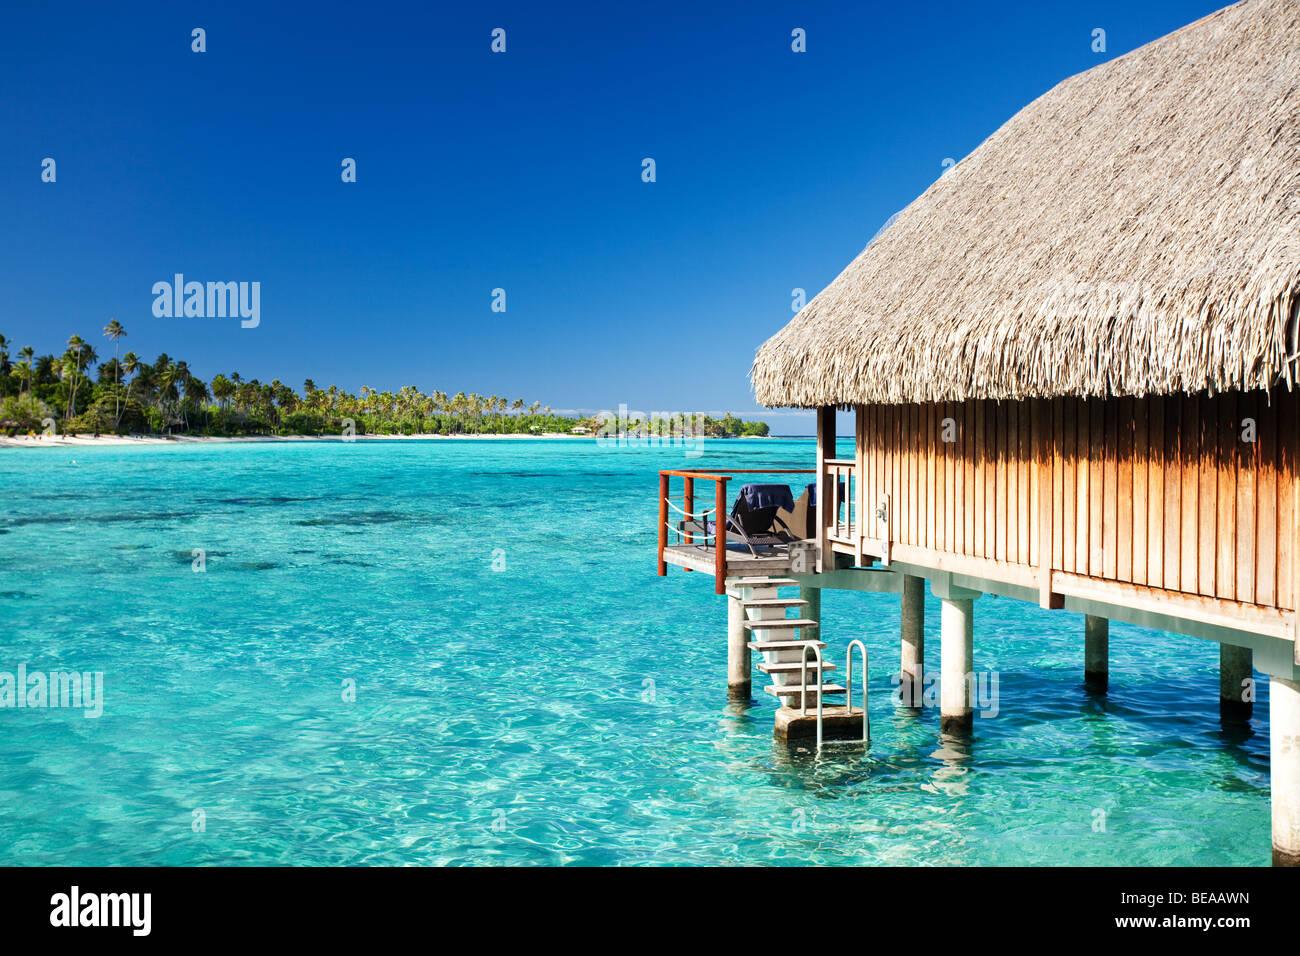 Über Wasser Bungalow mit Schritten in fantastische Lagune Stockbild